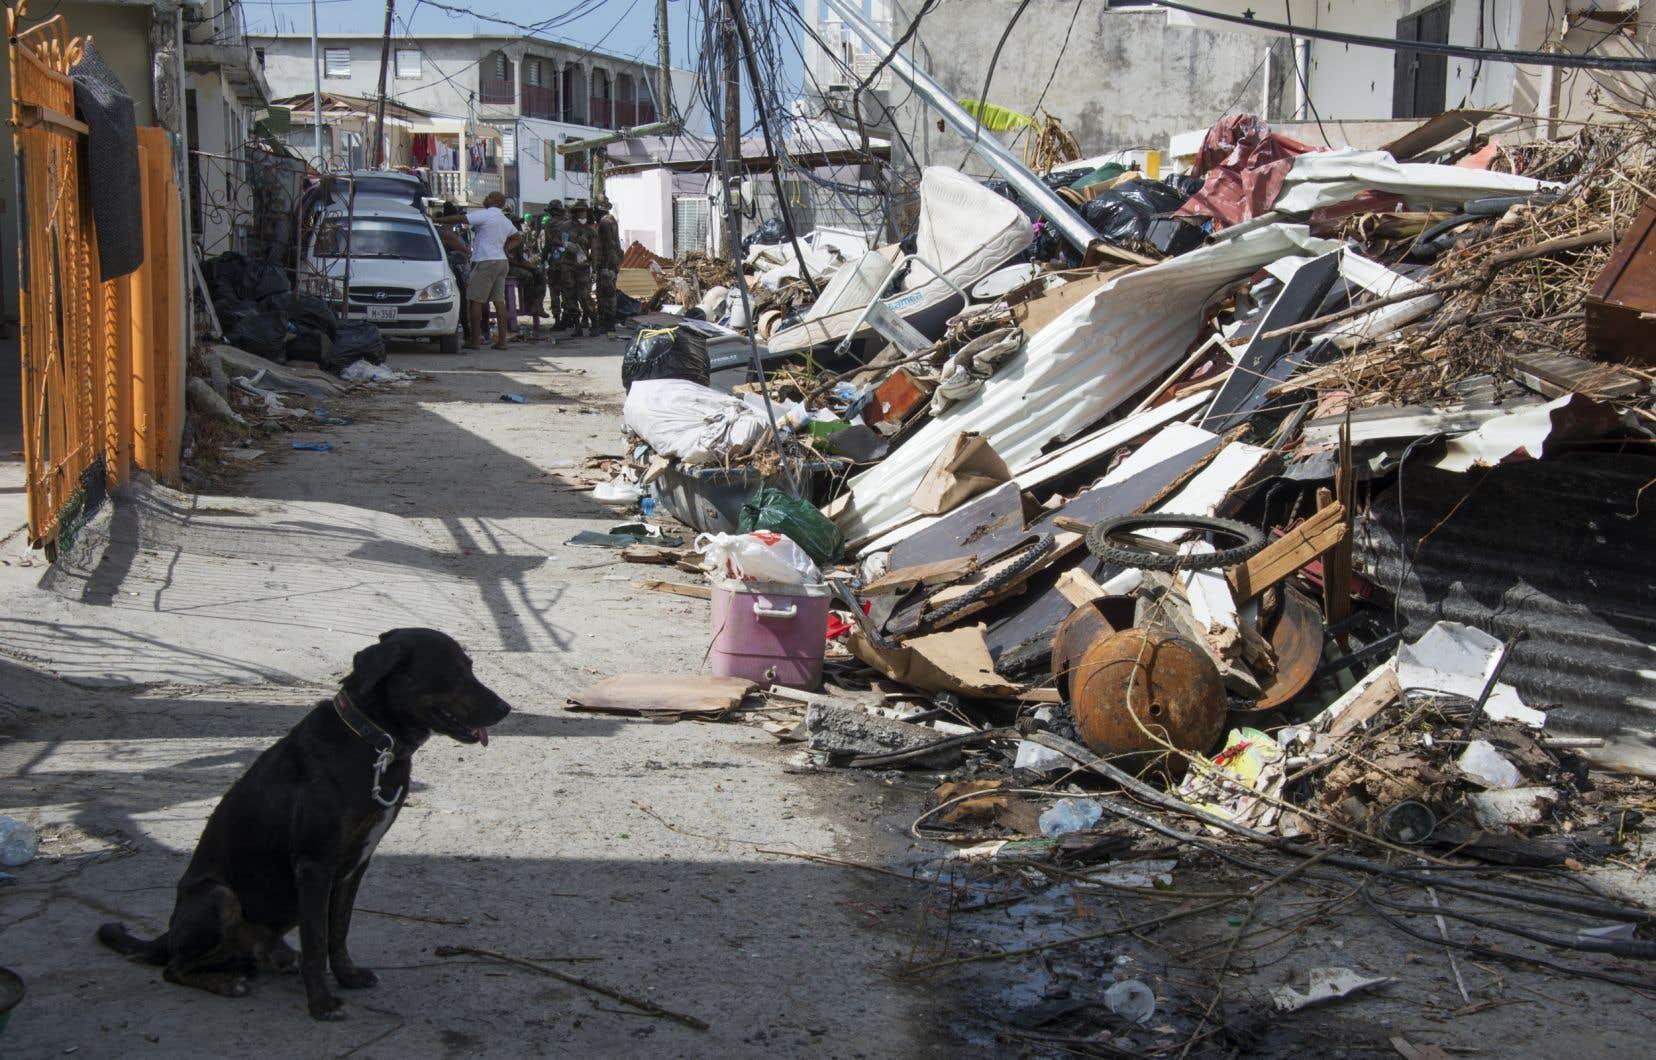 La facture engendrée par les tremblements de terre, les éruptions volcaniques, les inondations, les ouragans et les autres catastrophes climatiques a atteint 2900milliards $US. Sandy Ground, sur l'île de Saint-Martin, a été durement touché par l'ouragan <em>Irma</em> en 2017.